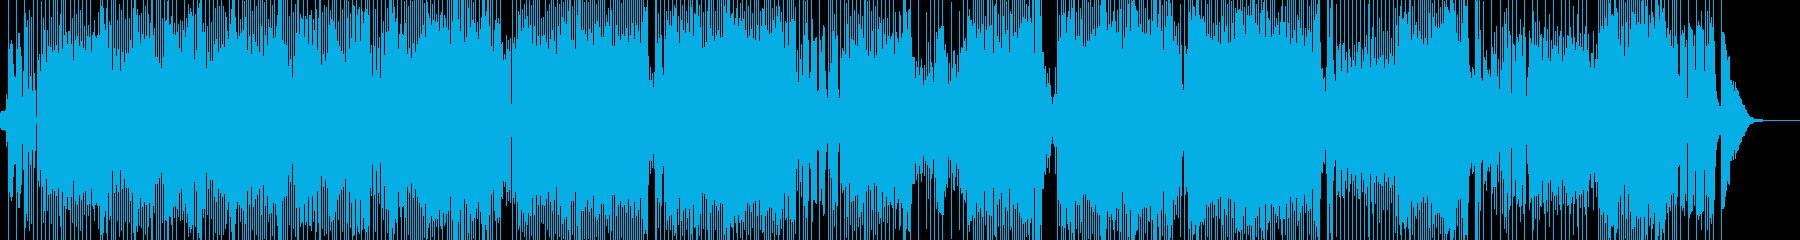 アルプス・笑顔・軽快なカントリー 長尺の再生済みの波形